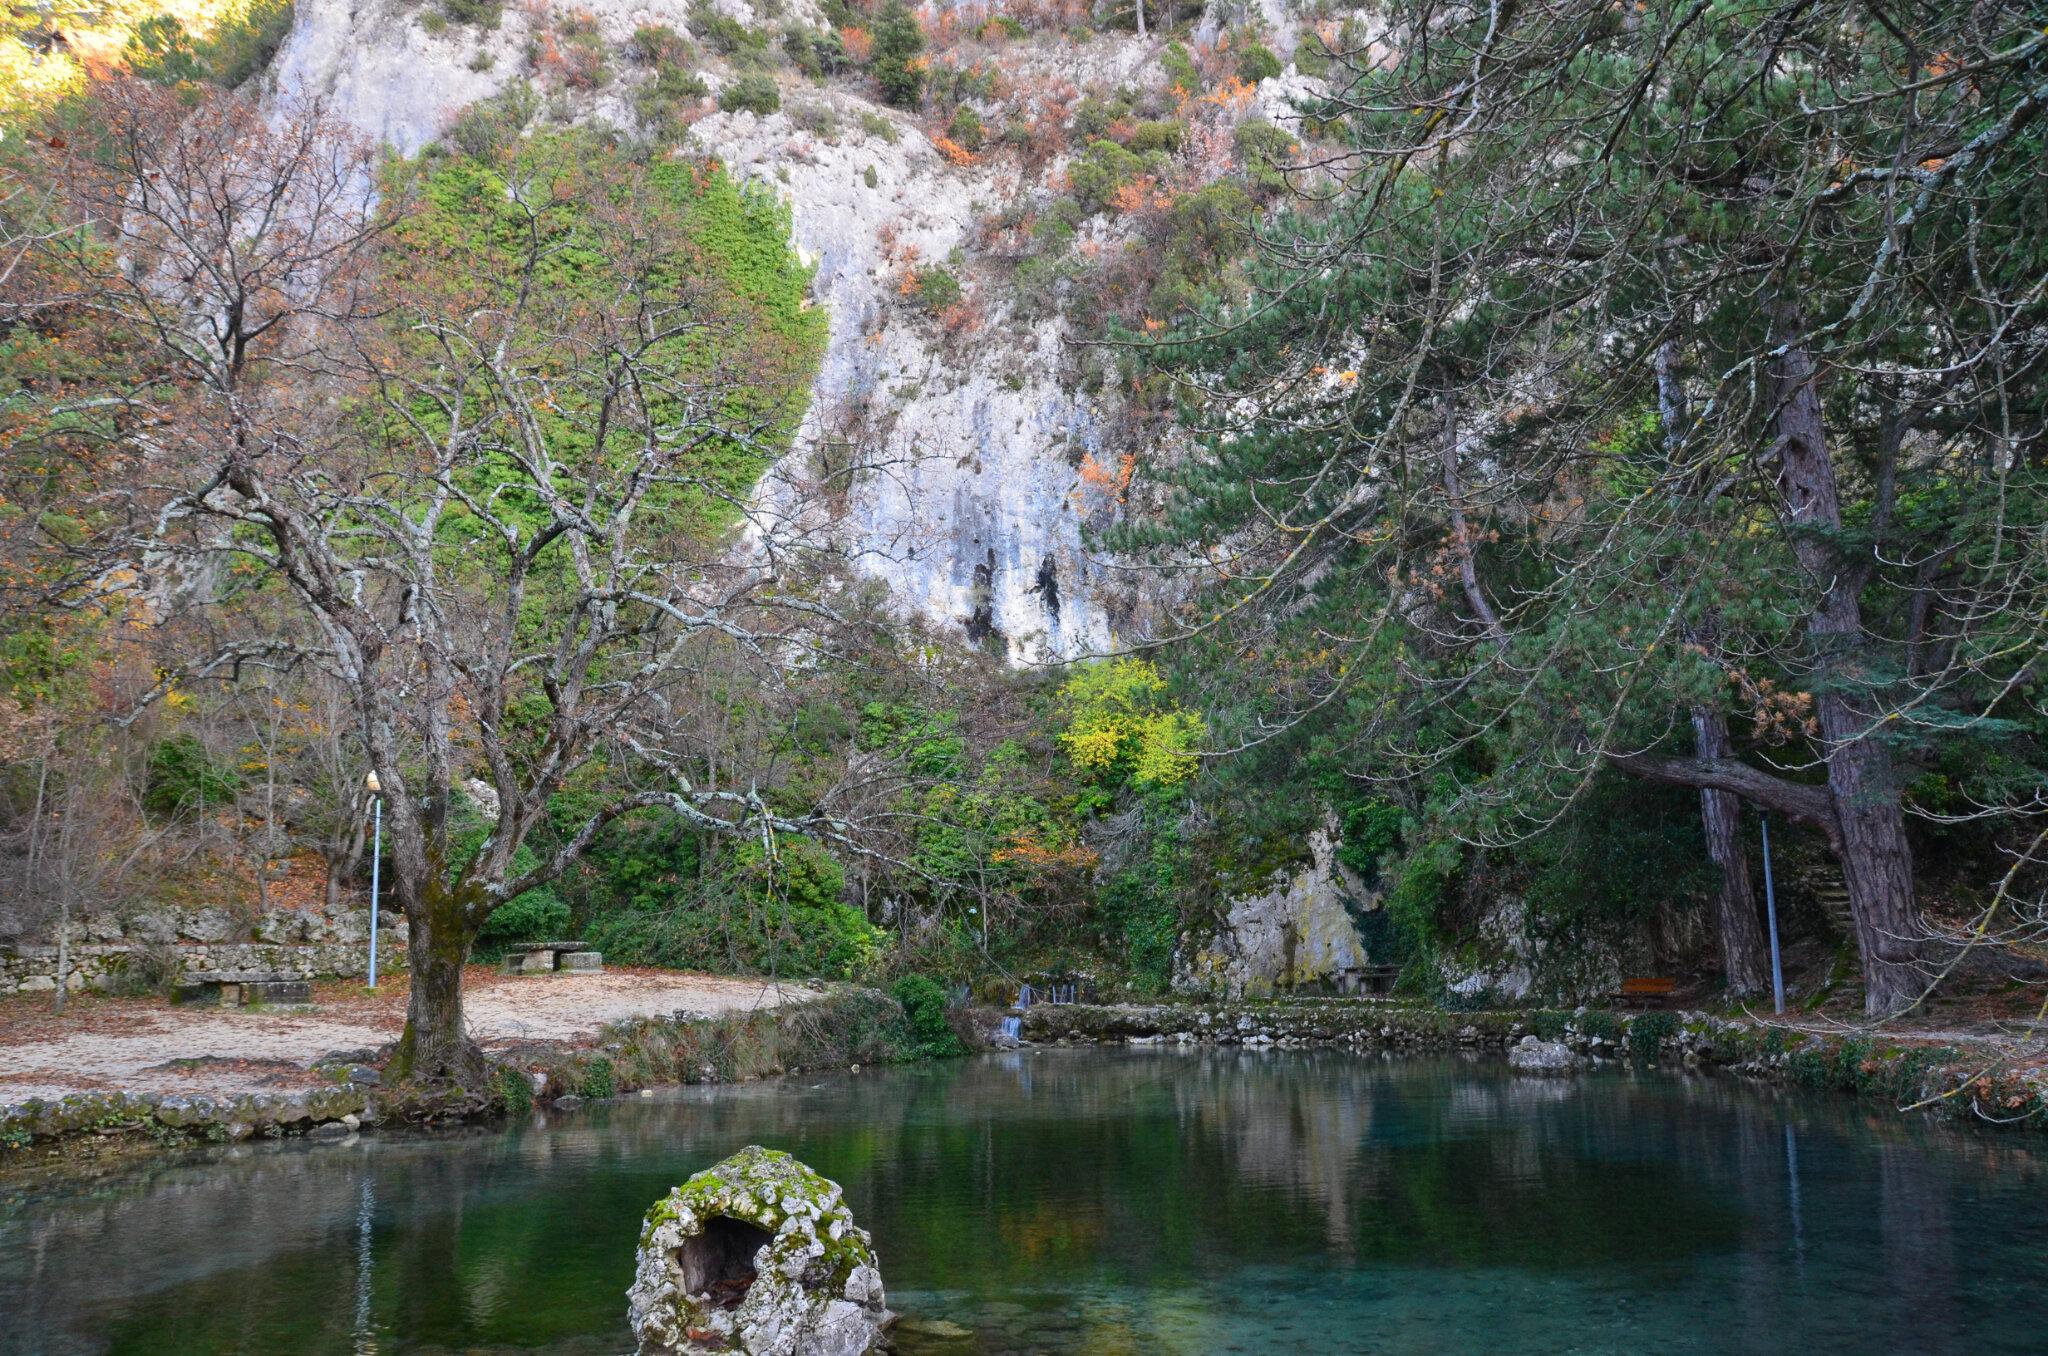 La source du Groseau, au pied du Mont Ventoux